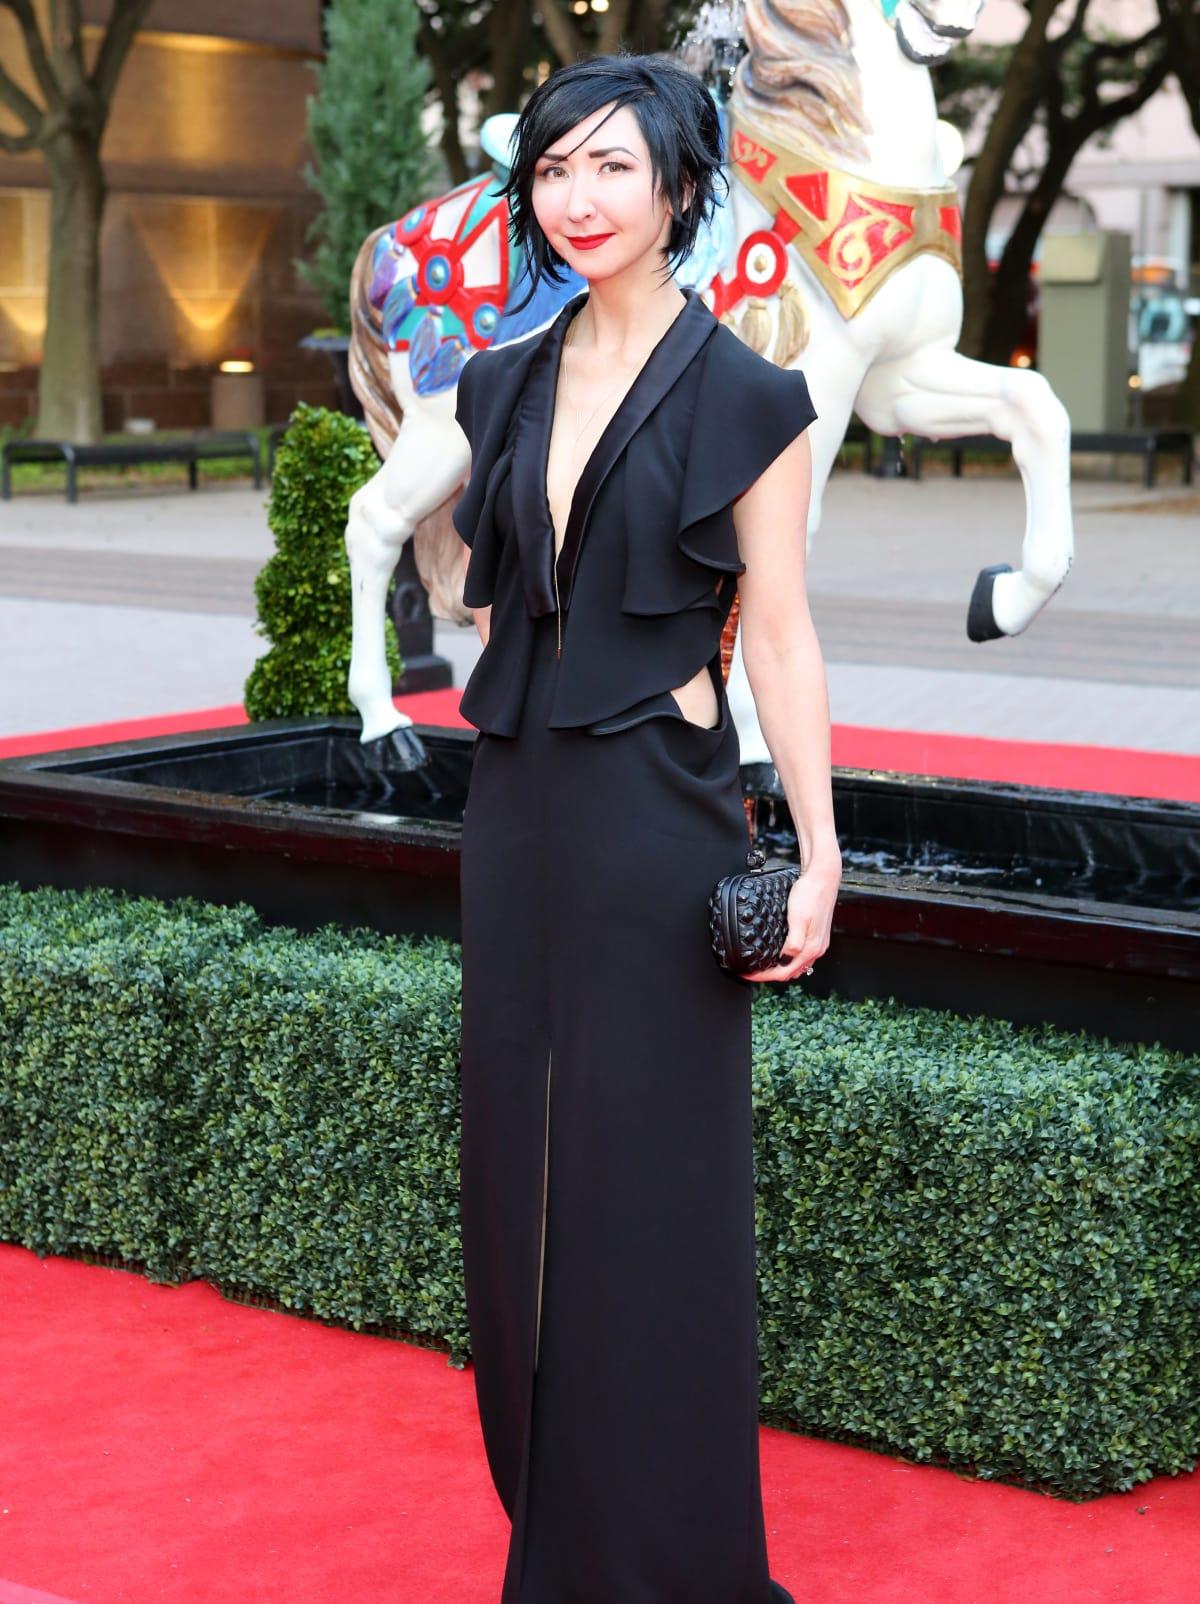 Houston, Opera Ball Gowns, April 2016,  Carrie Brandsberg-Dahl in Yves Saint Laurent